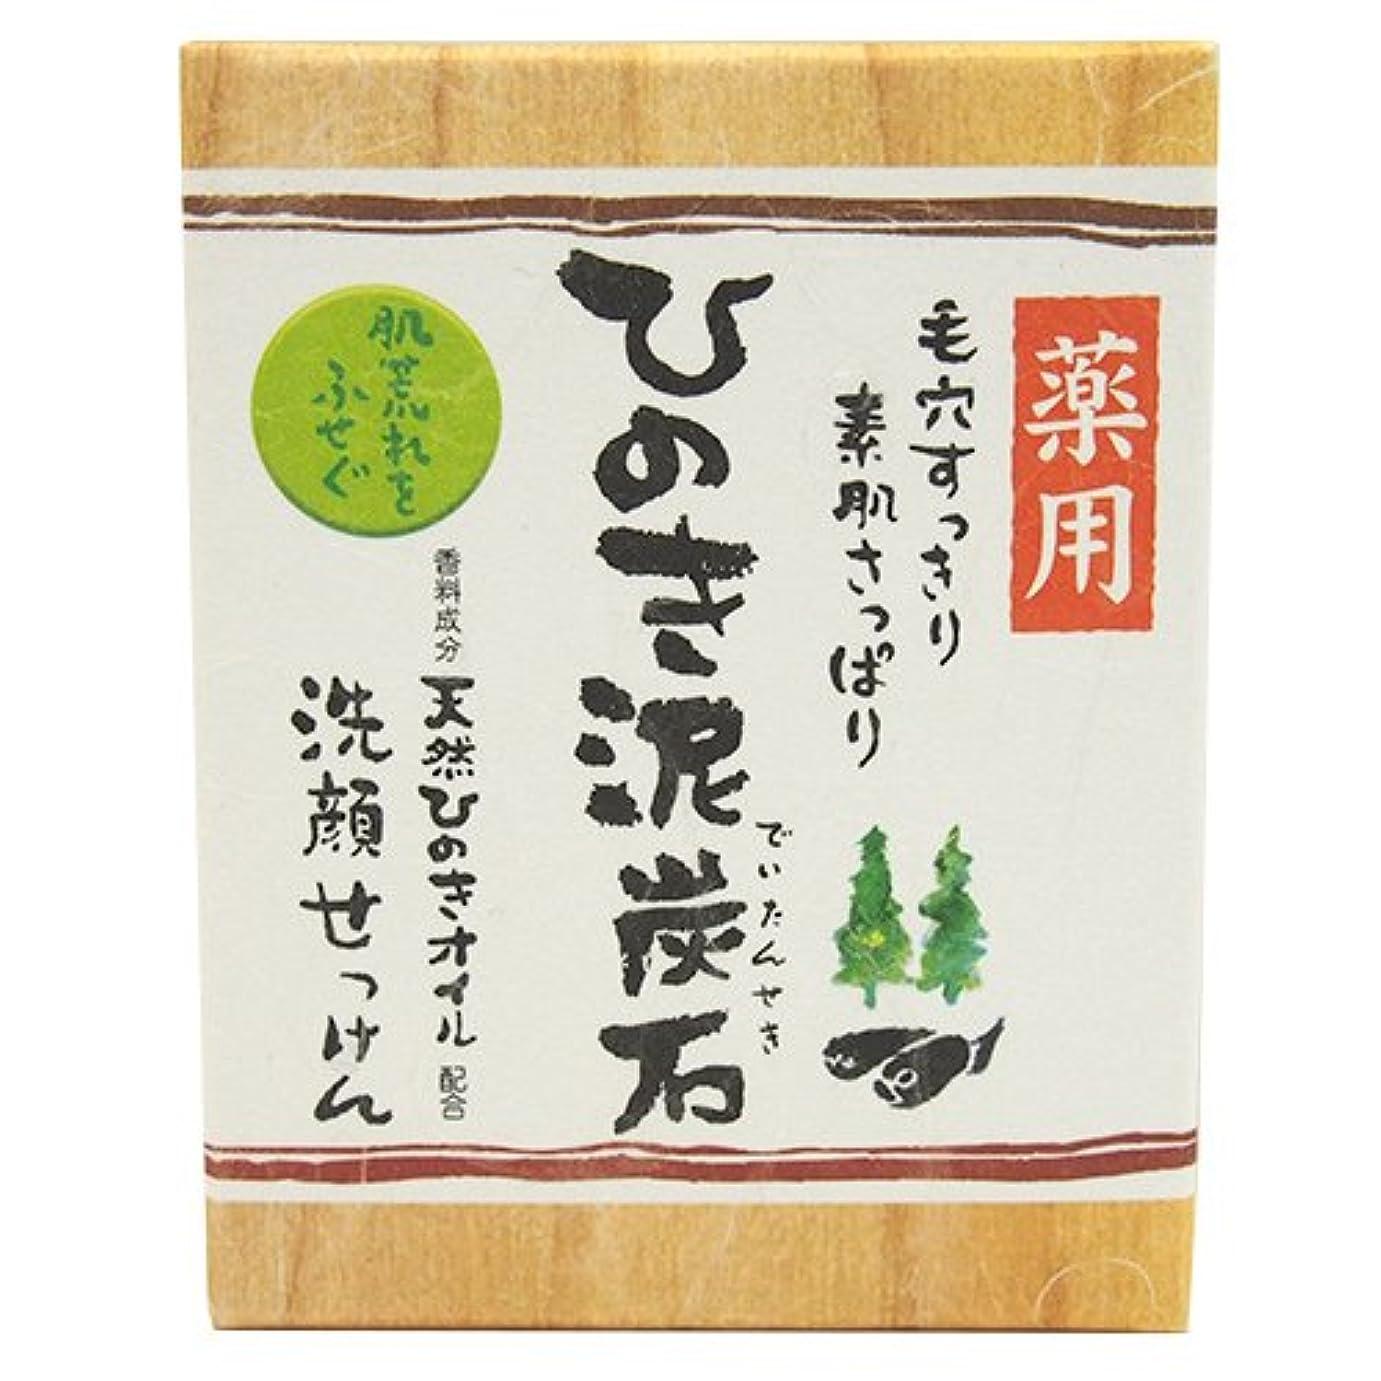 嫉妬わがまま栄養東京宝 薬用ひのき泥炭石 すっきり黒タイプ 洗顔石鹸 75g